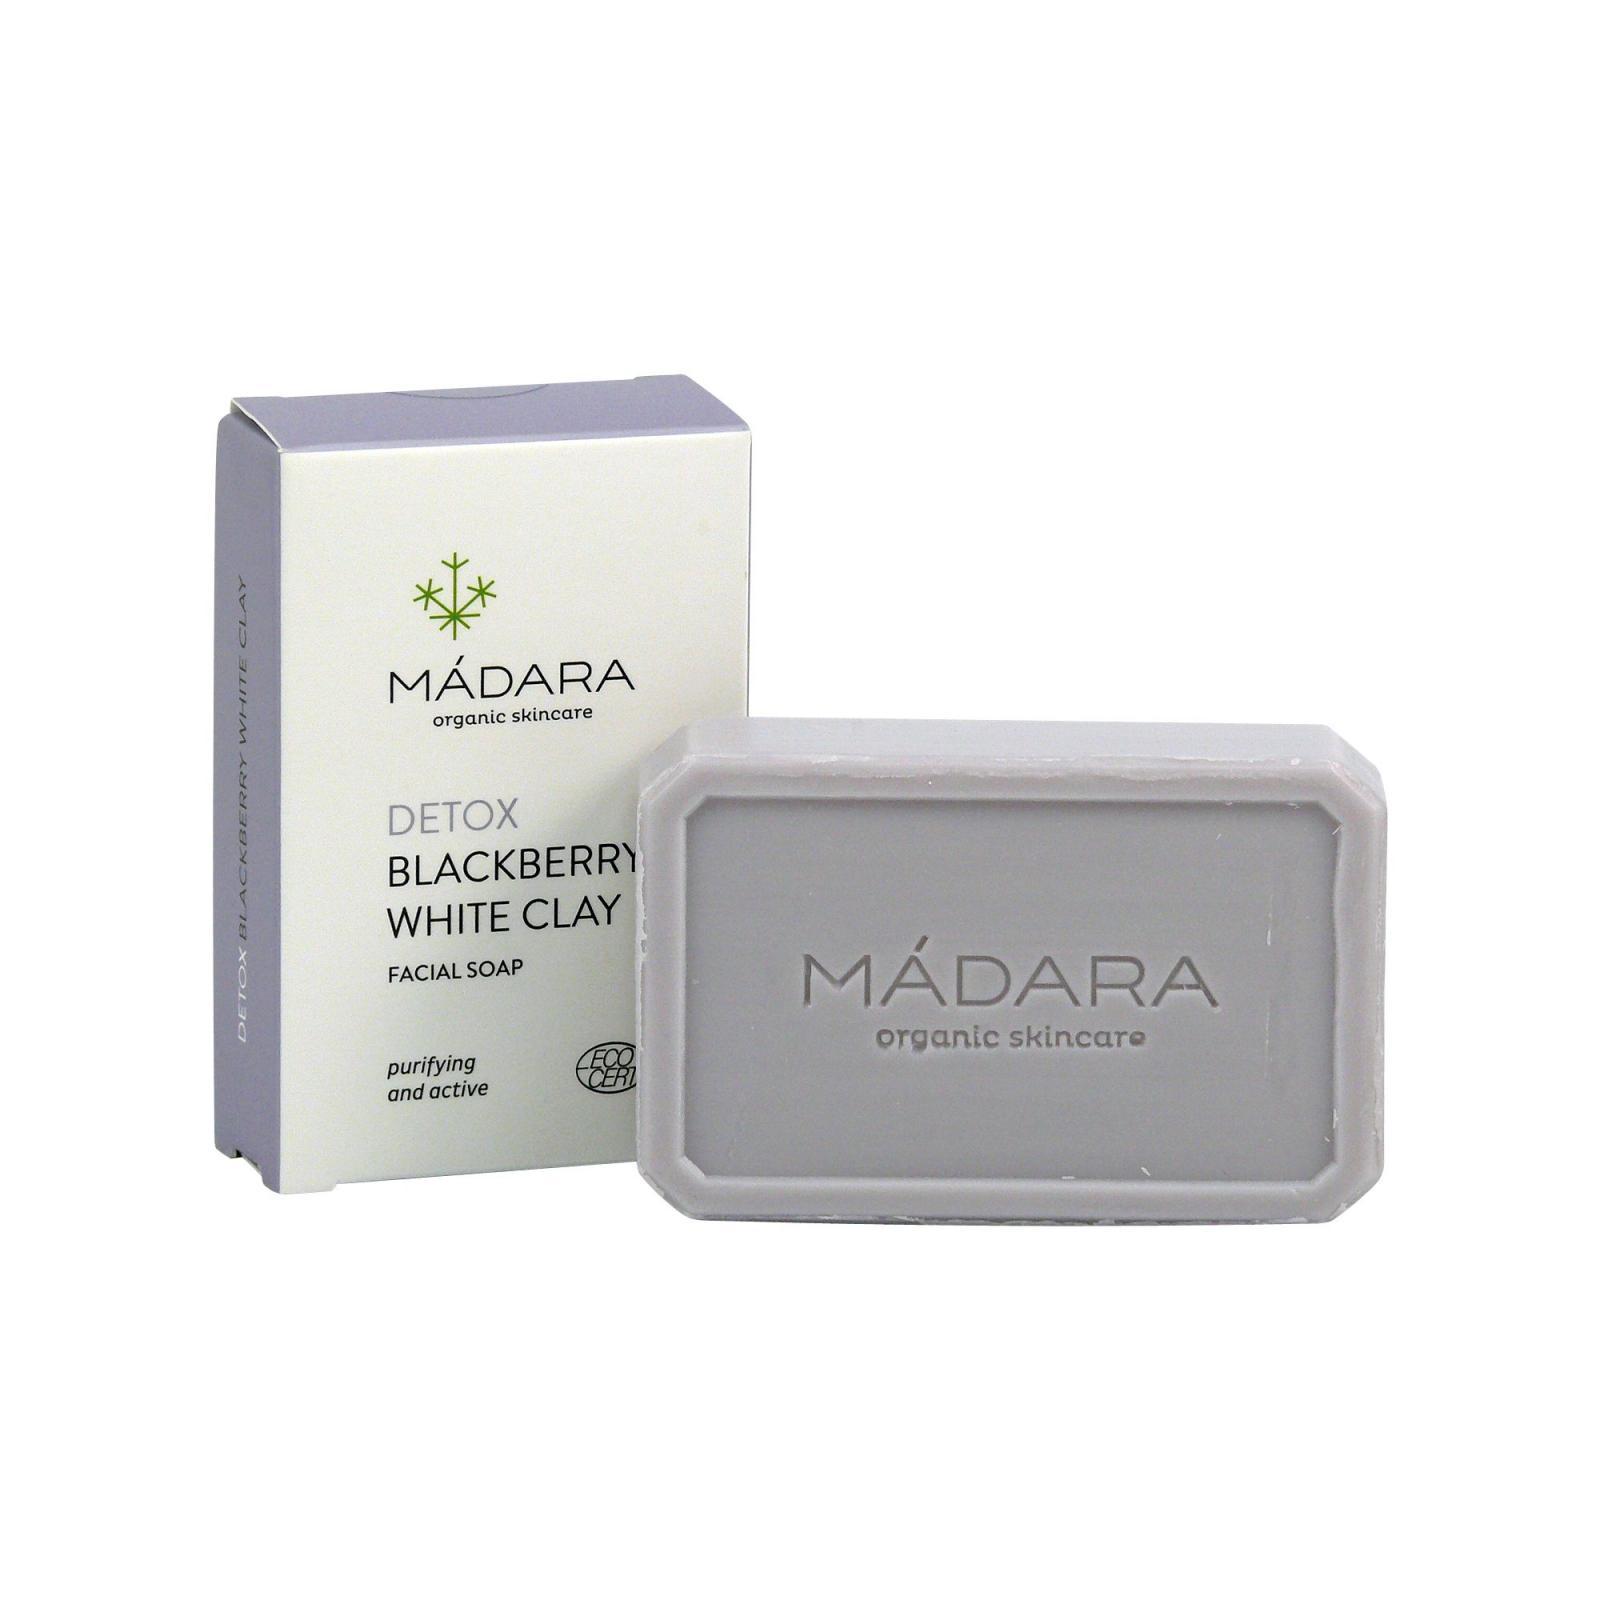 MÁDARA Pleťové čisticí mýdlo 70 g